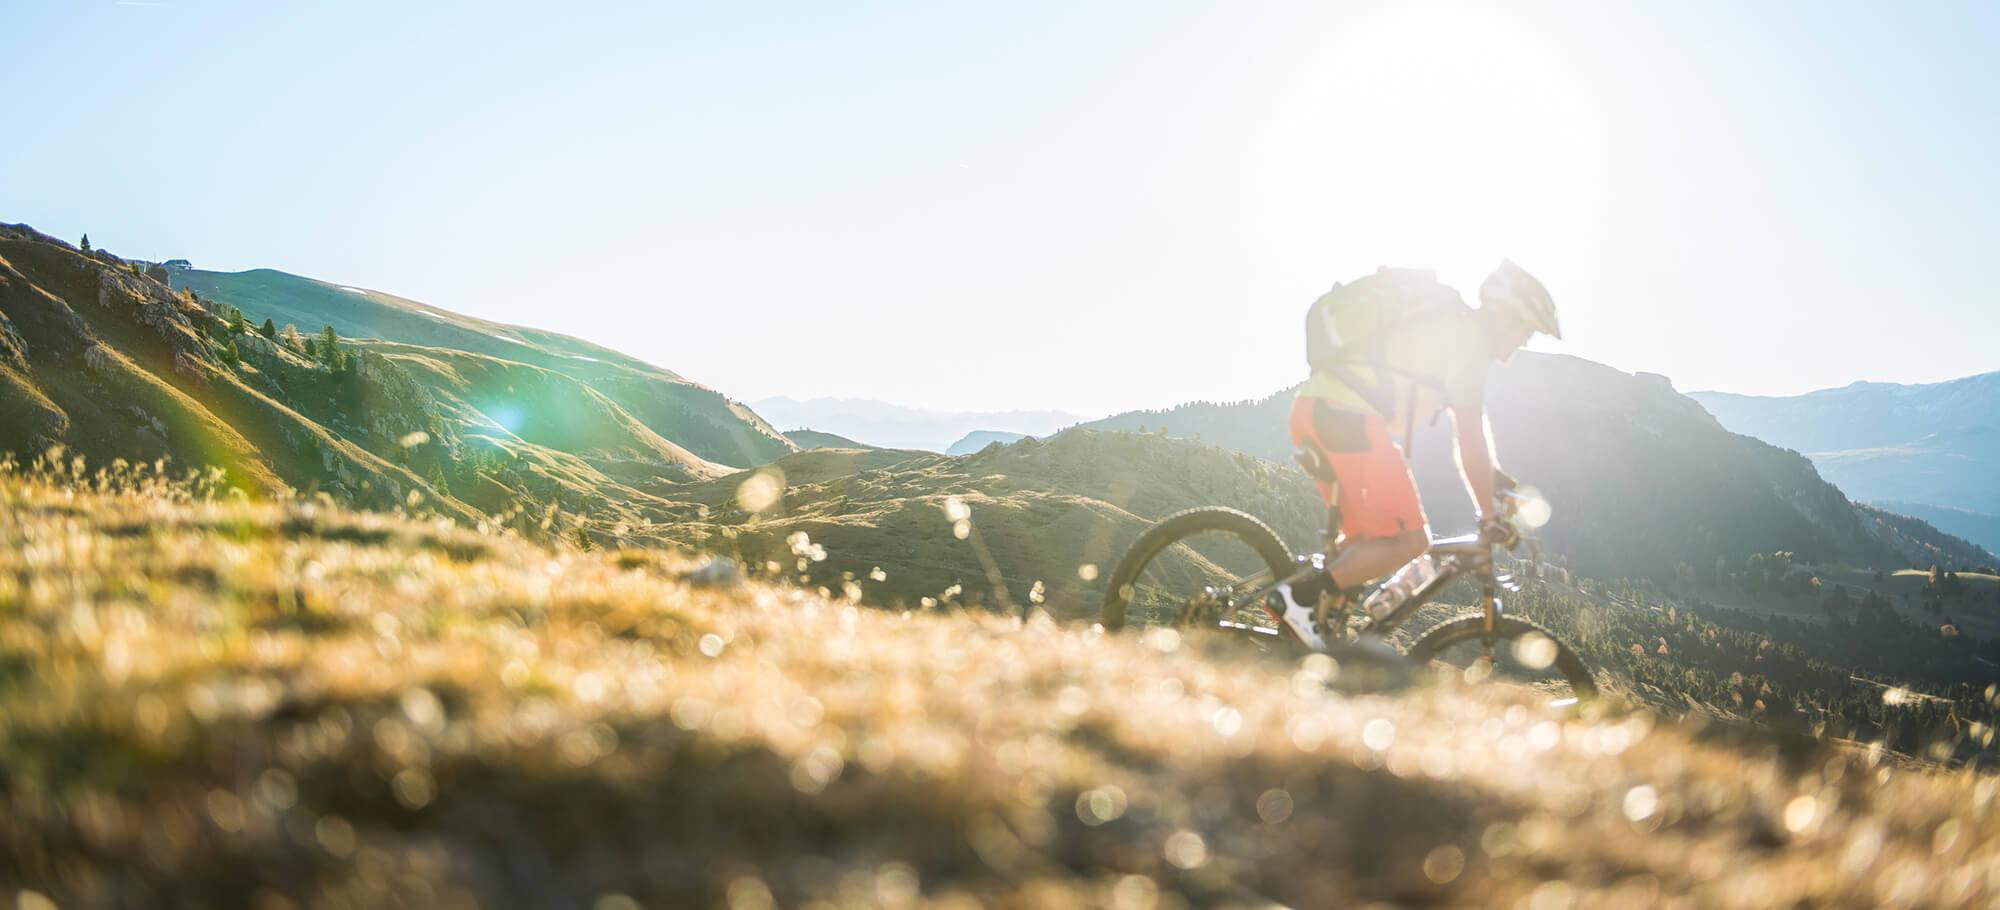 Mountainbiker fährt bei Sonnenschein durch die Berge